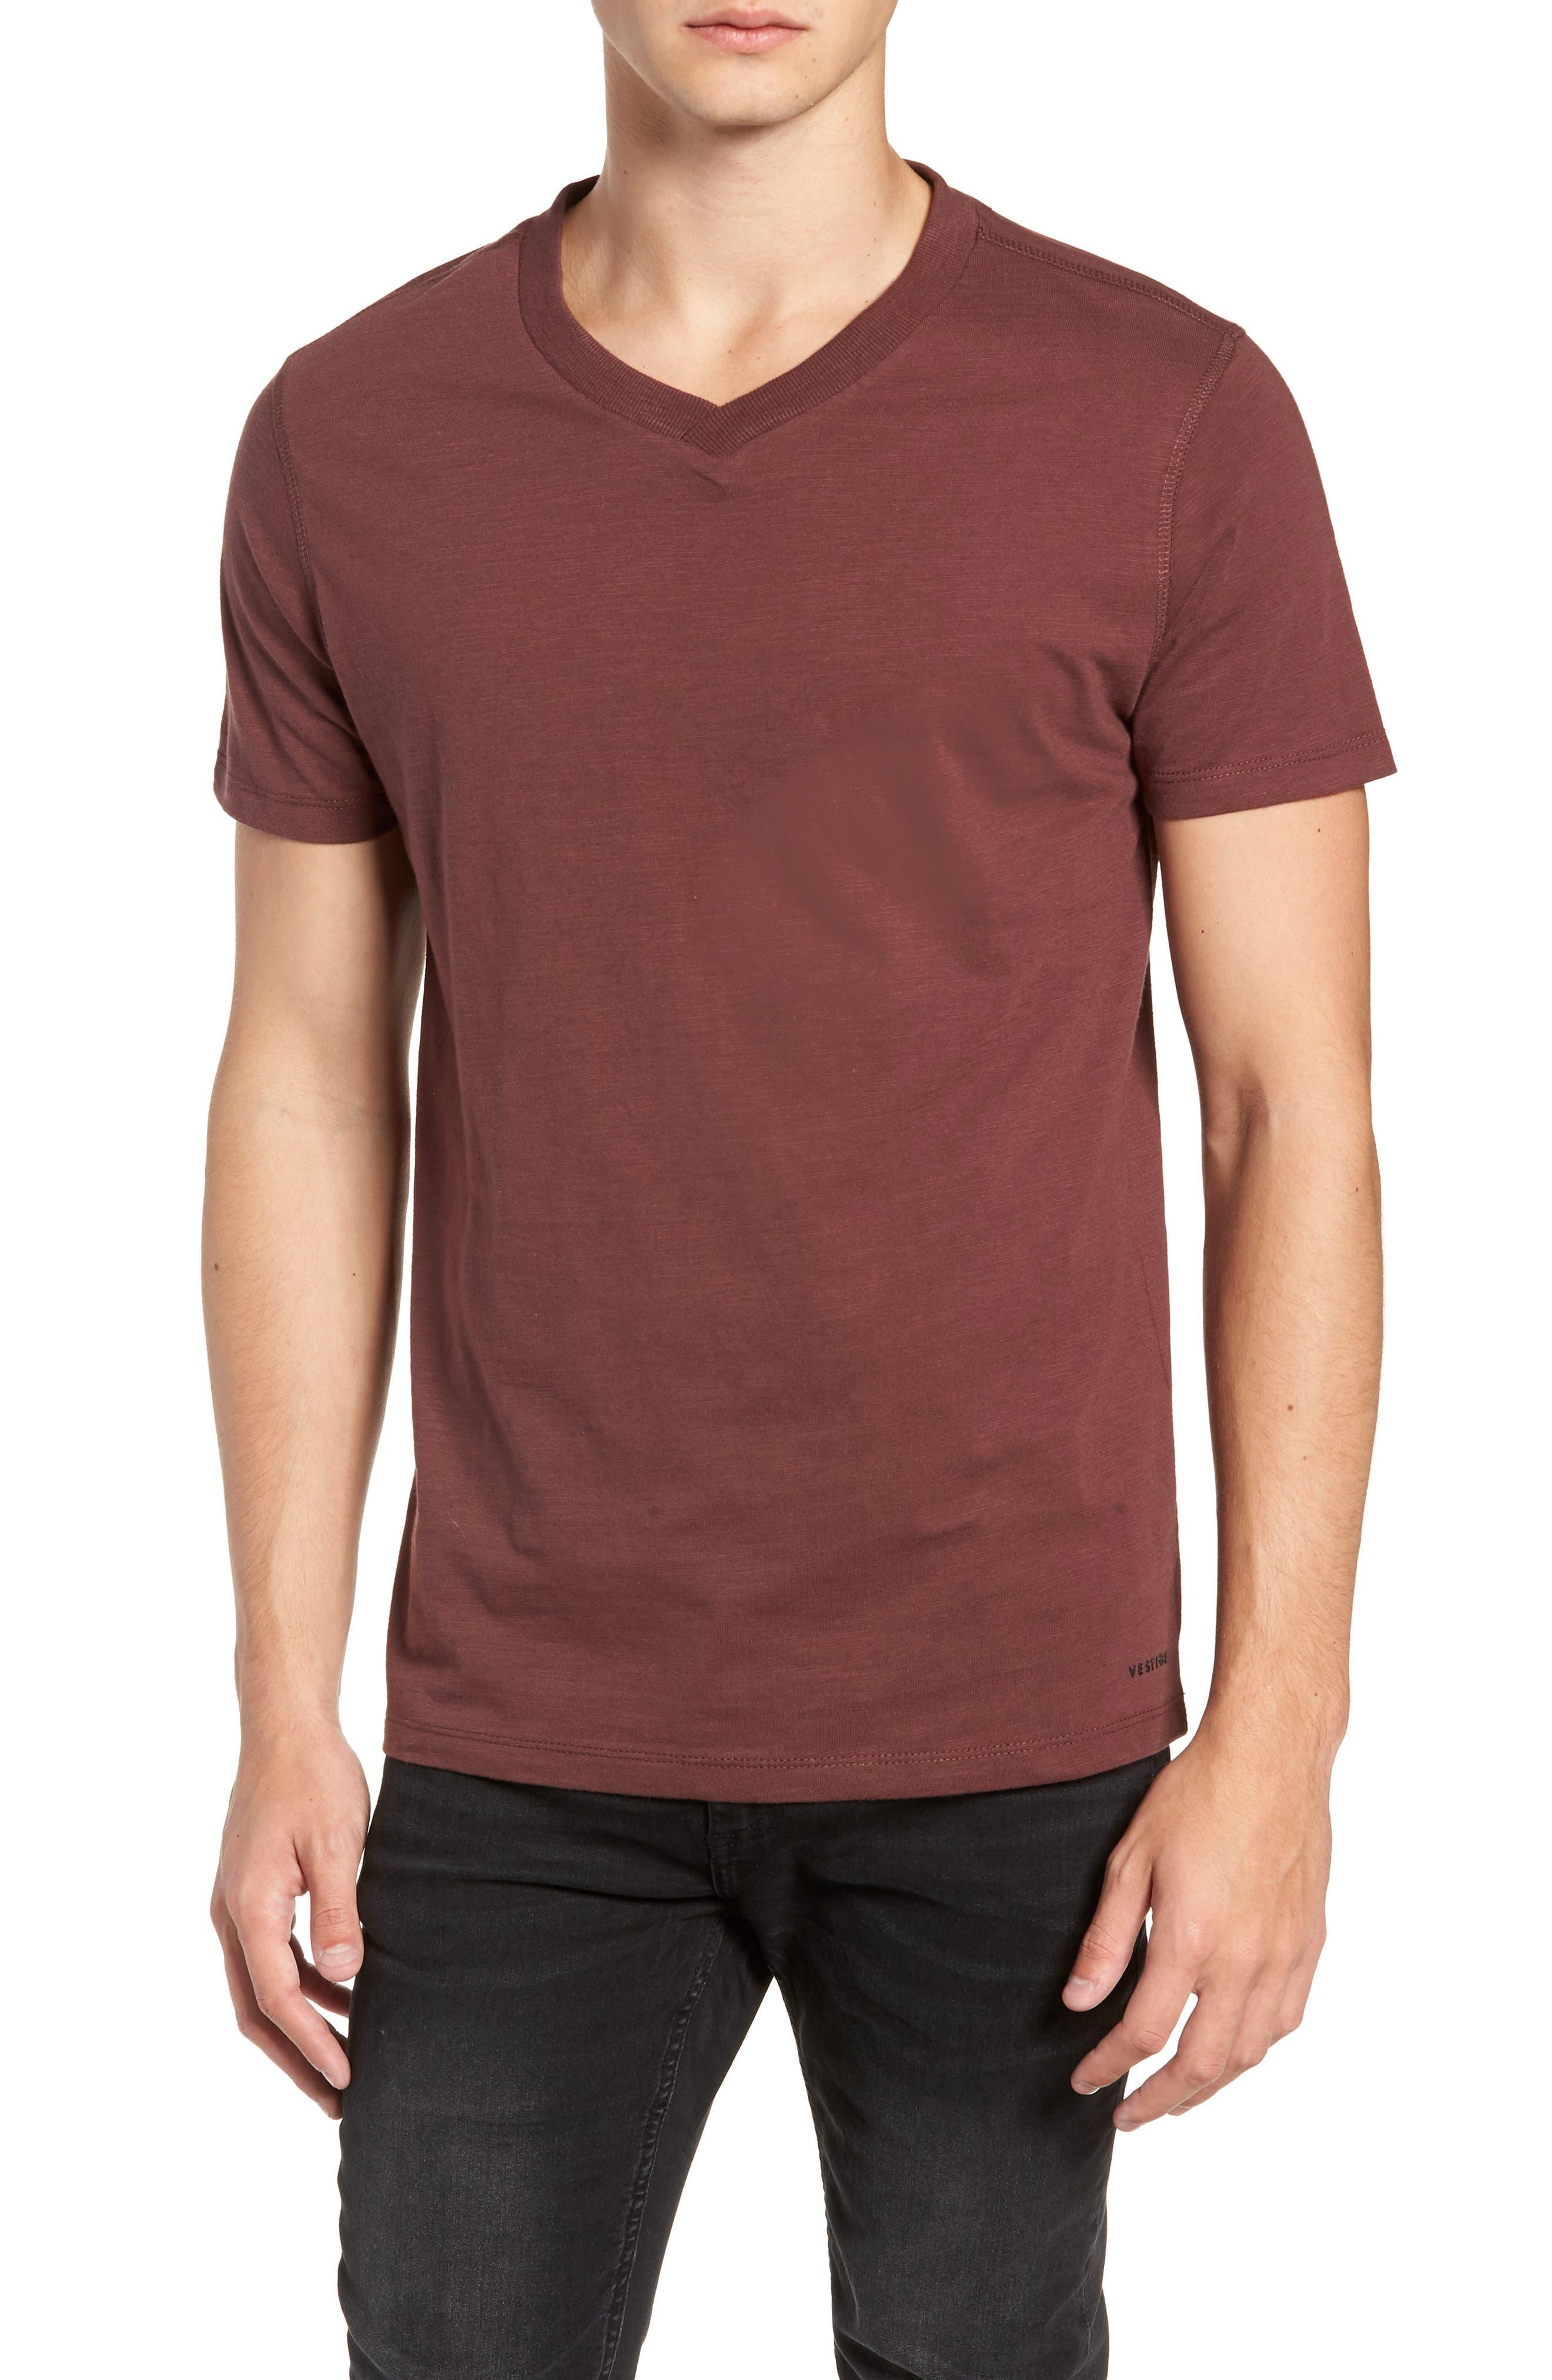 Soccer V-Neck T-Shirt,                             Main thumbnail 1, color,                             BURGUNDY